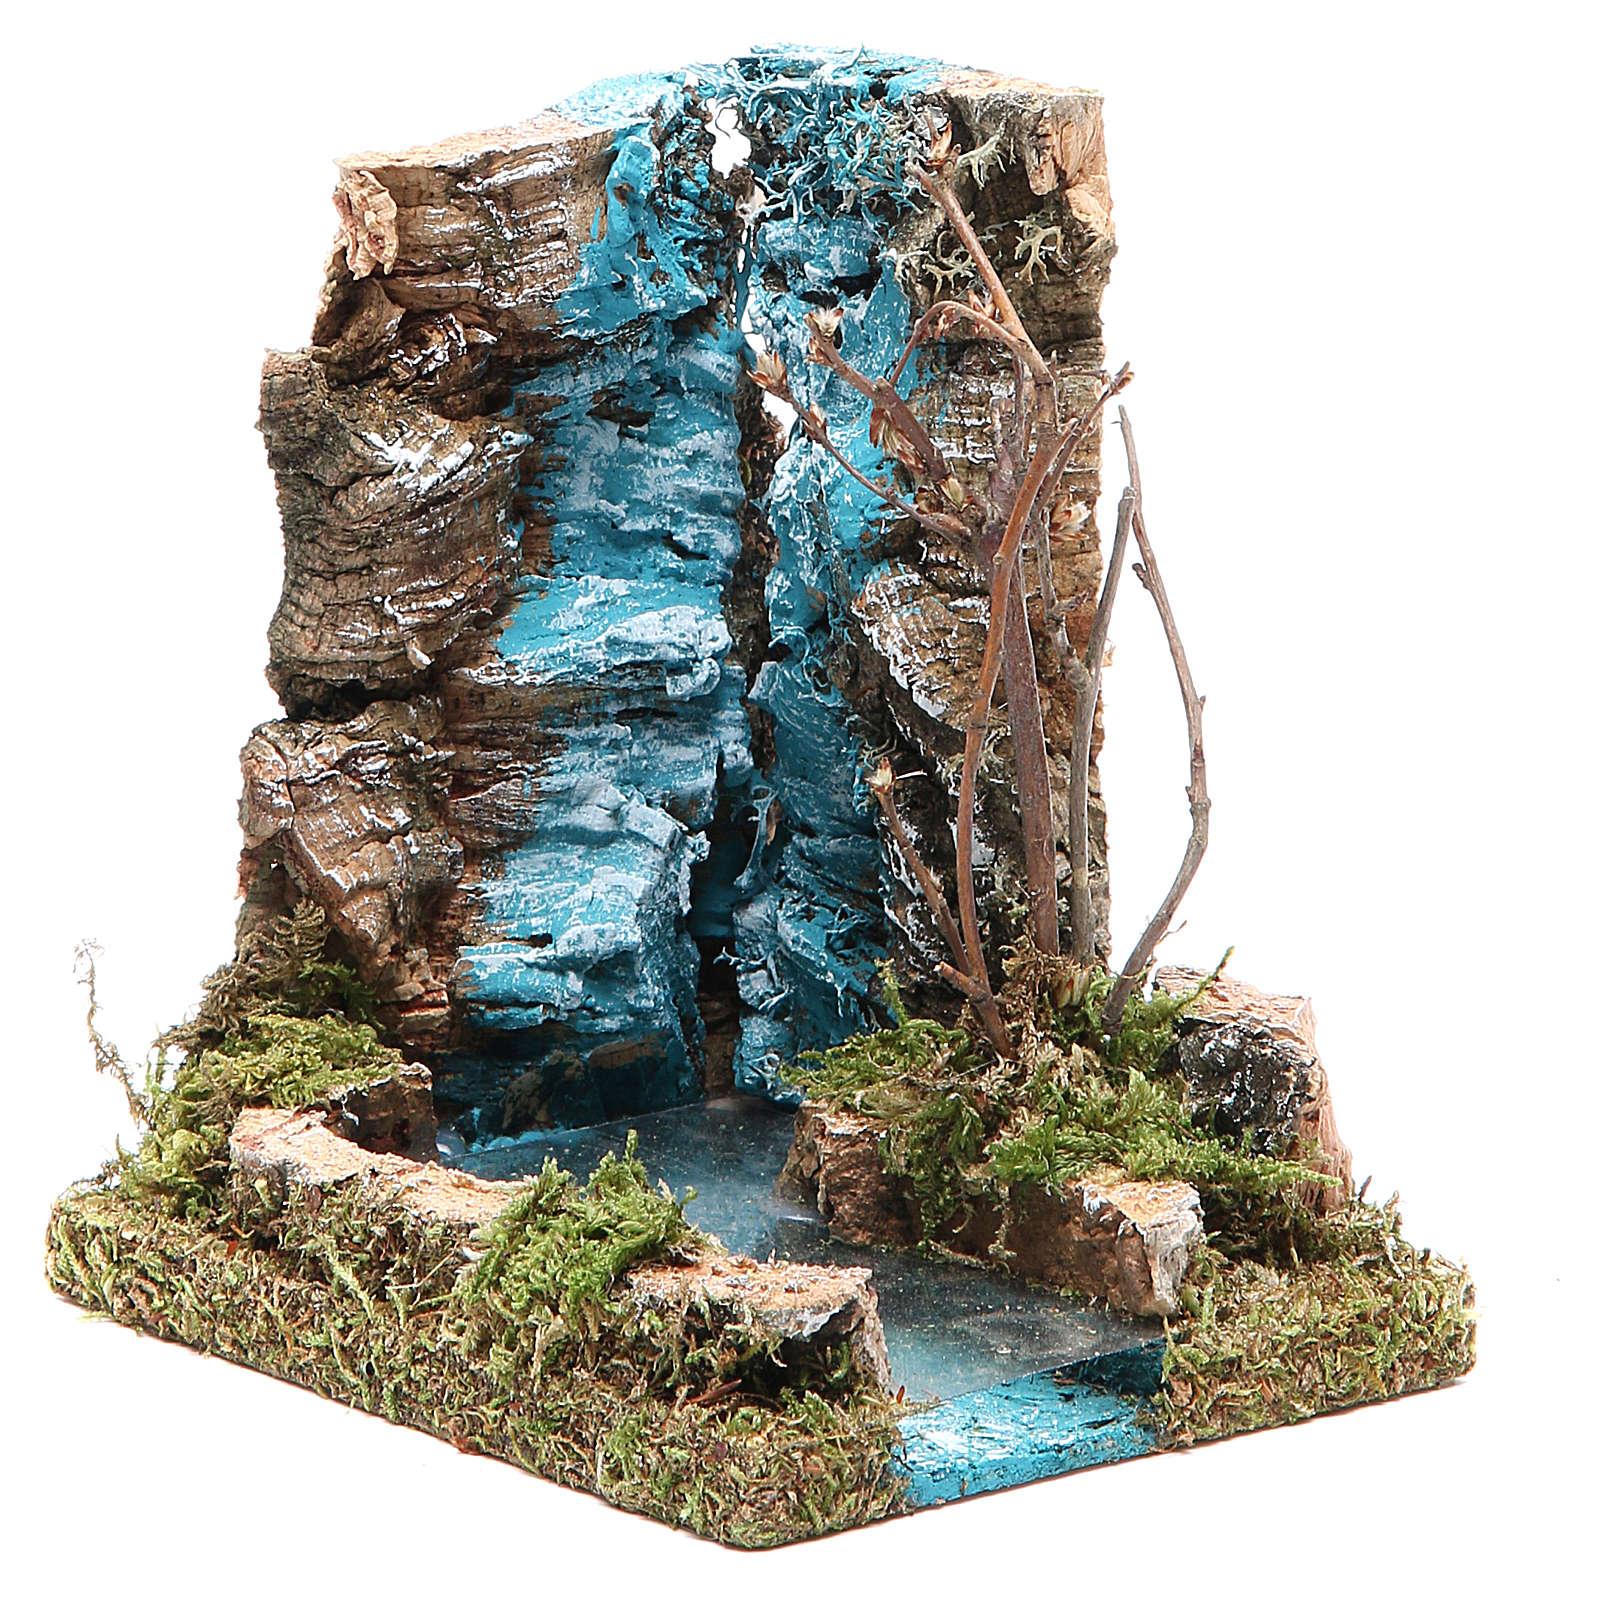 Chute d'eau avec début fleuve pour crèche 13x12x10 cm 4